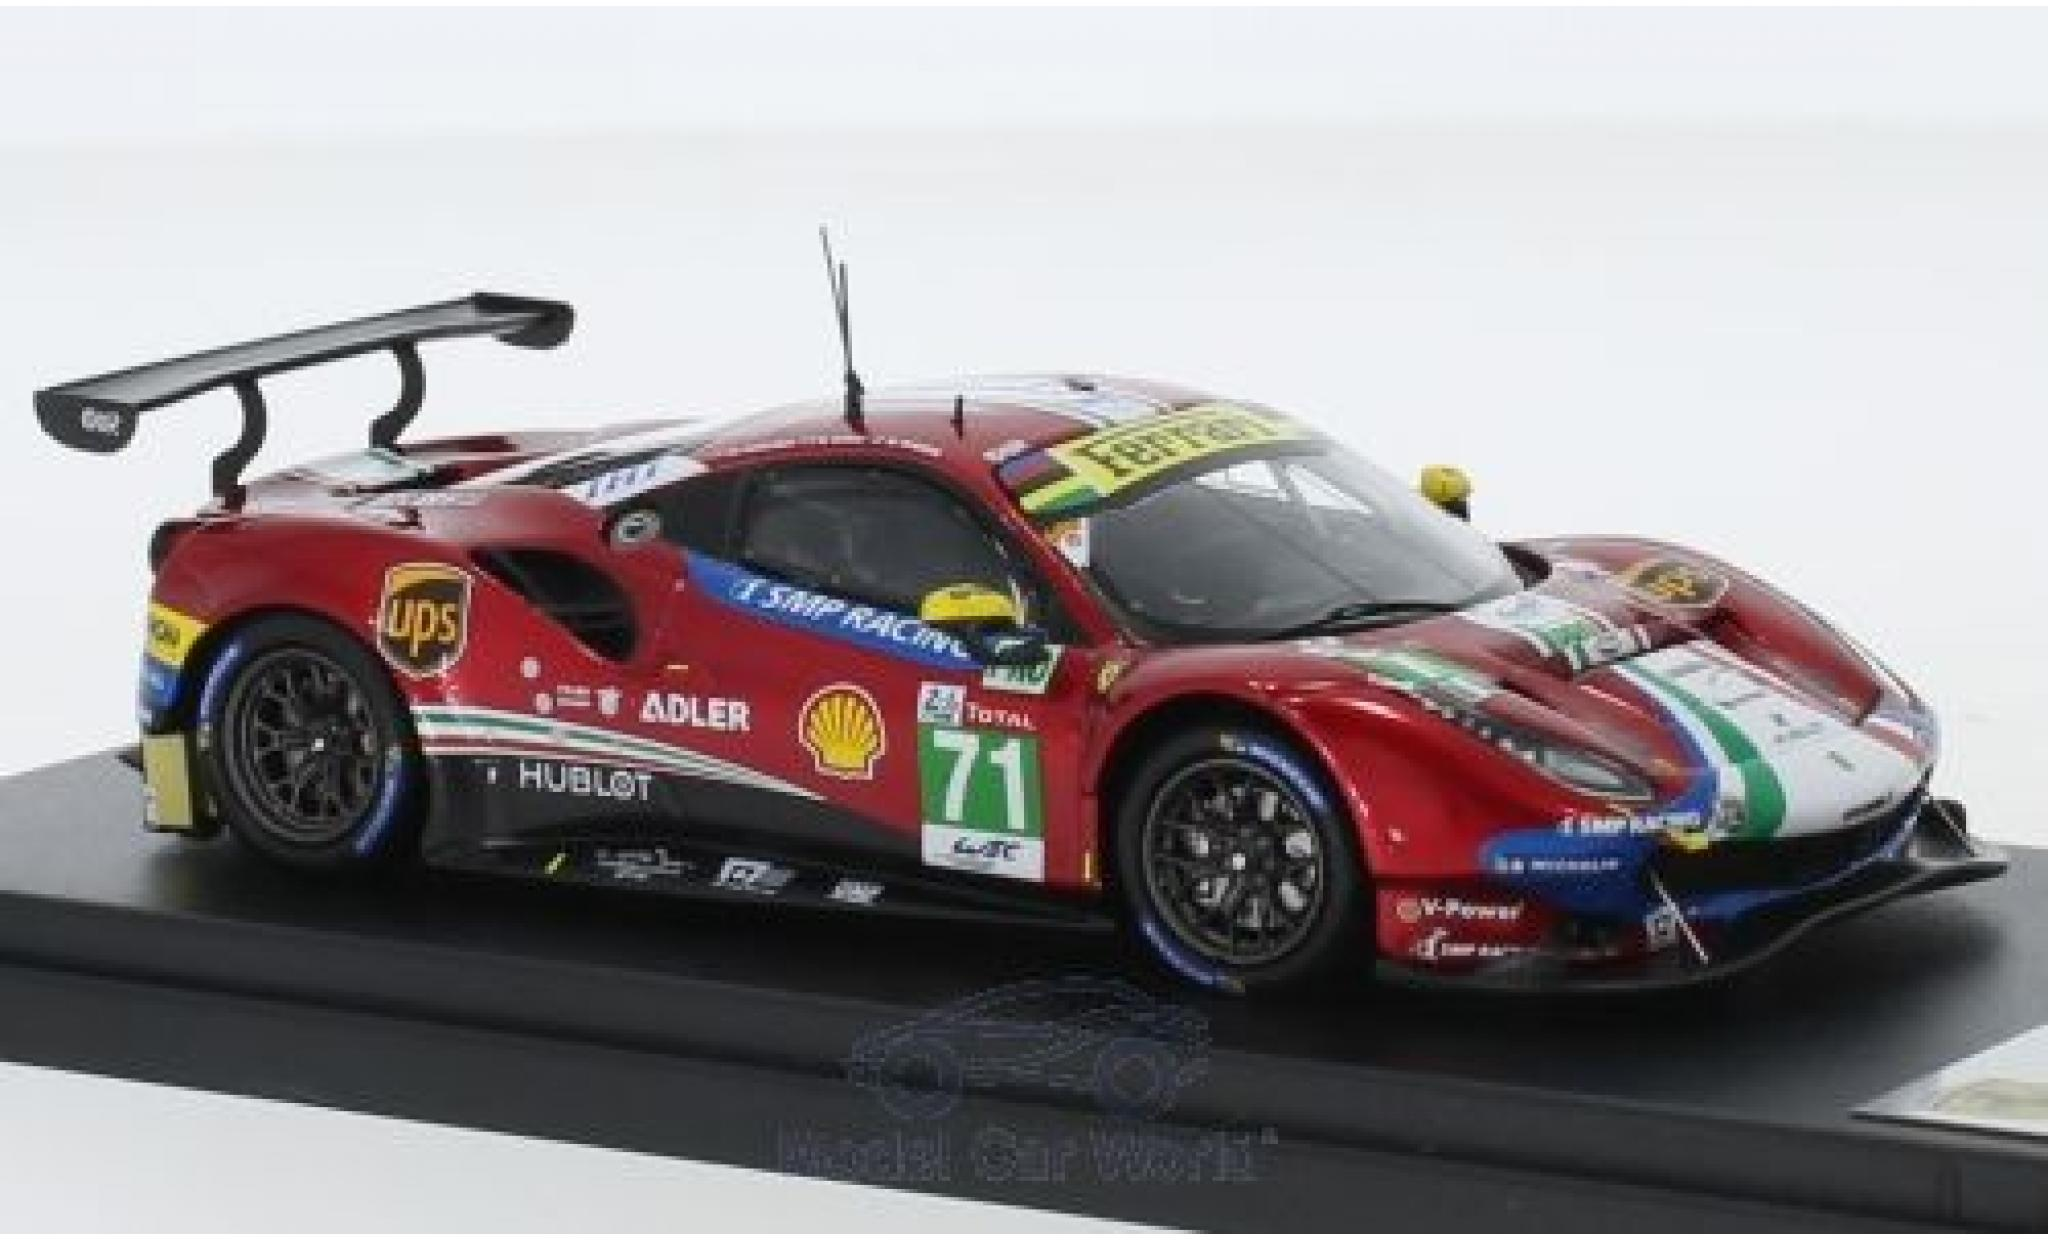 Ferrari 488 1/43 Look Smart GTE Evo No.71 AF Corse 24h Le Mans 2018 D.Rigon/S.Bird/M.Molina